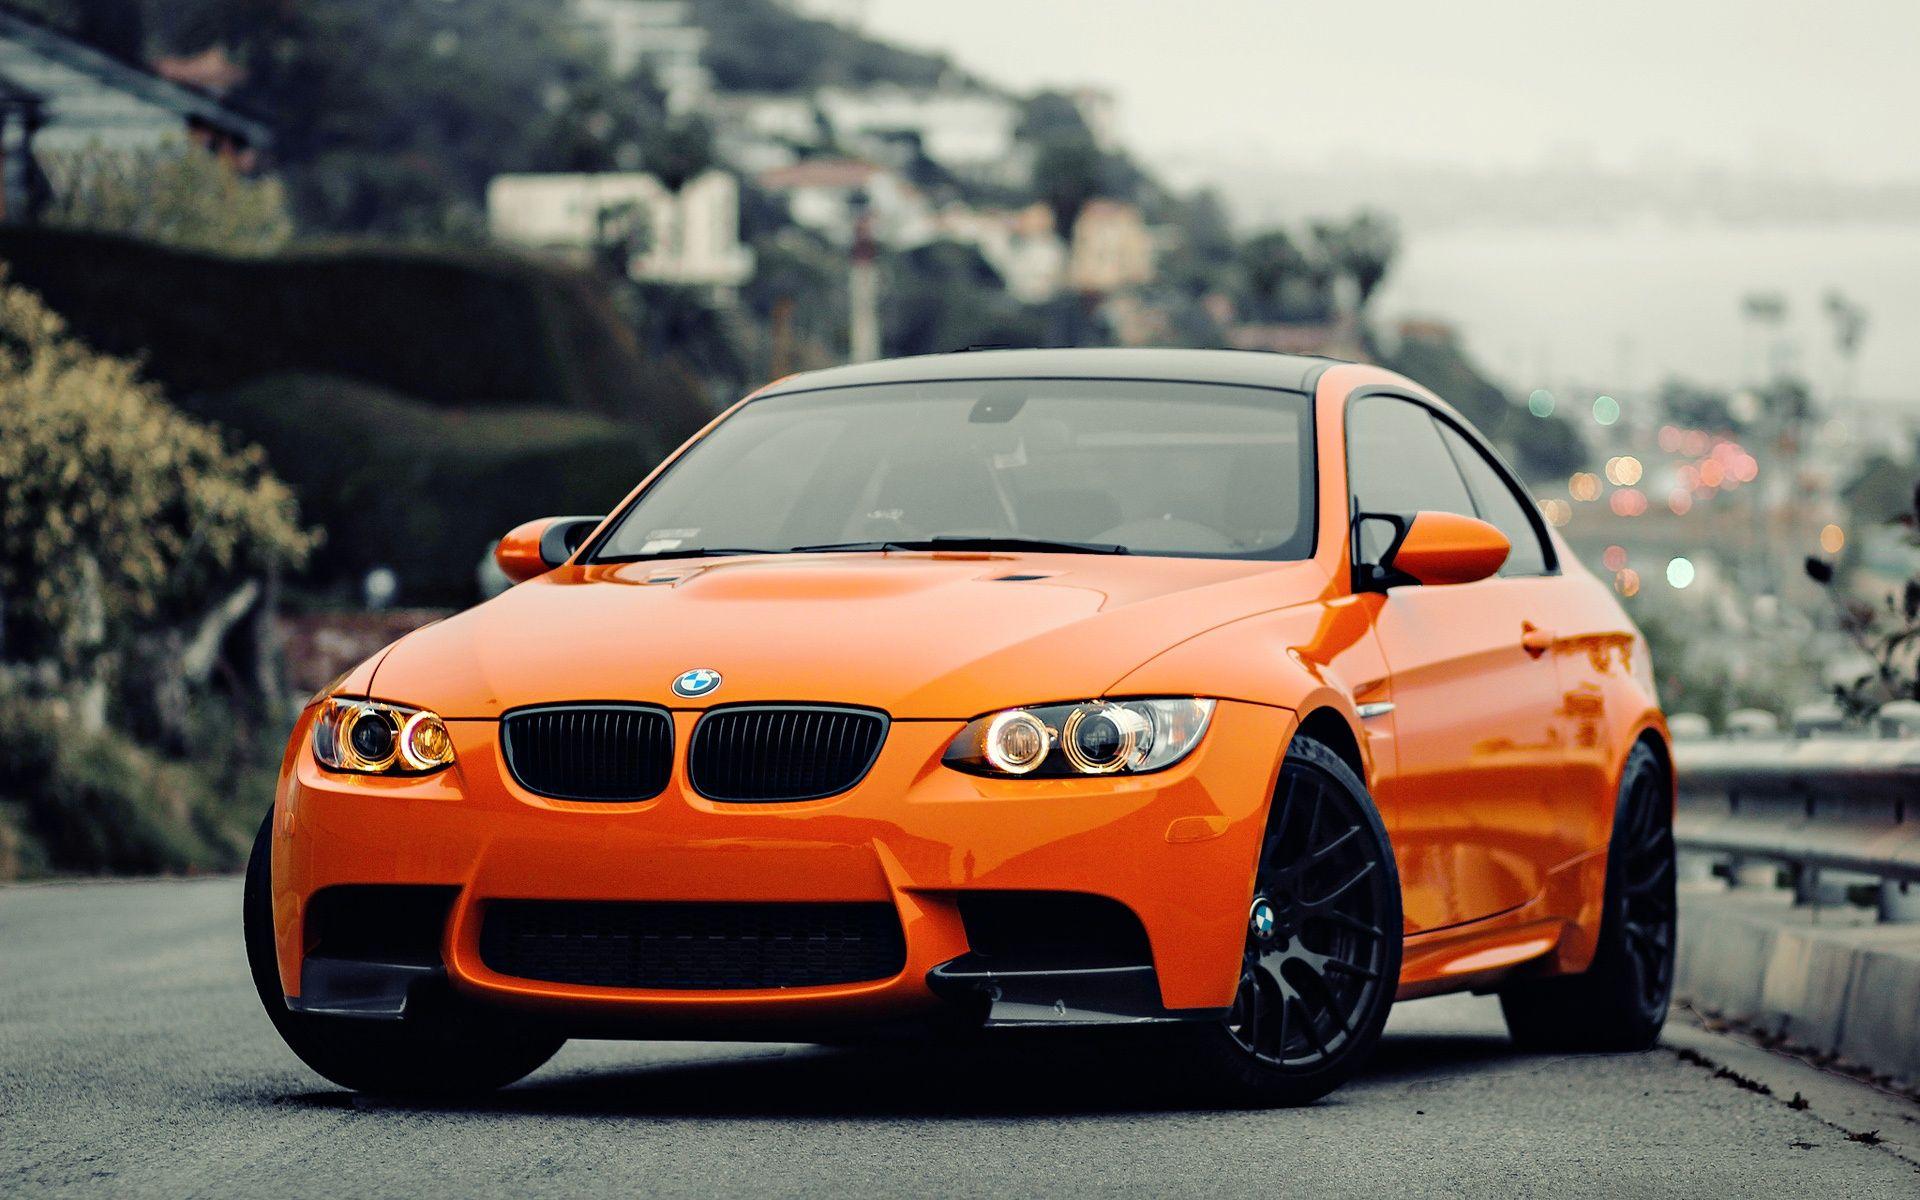 Beautiful Orange Car Wallpaper